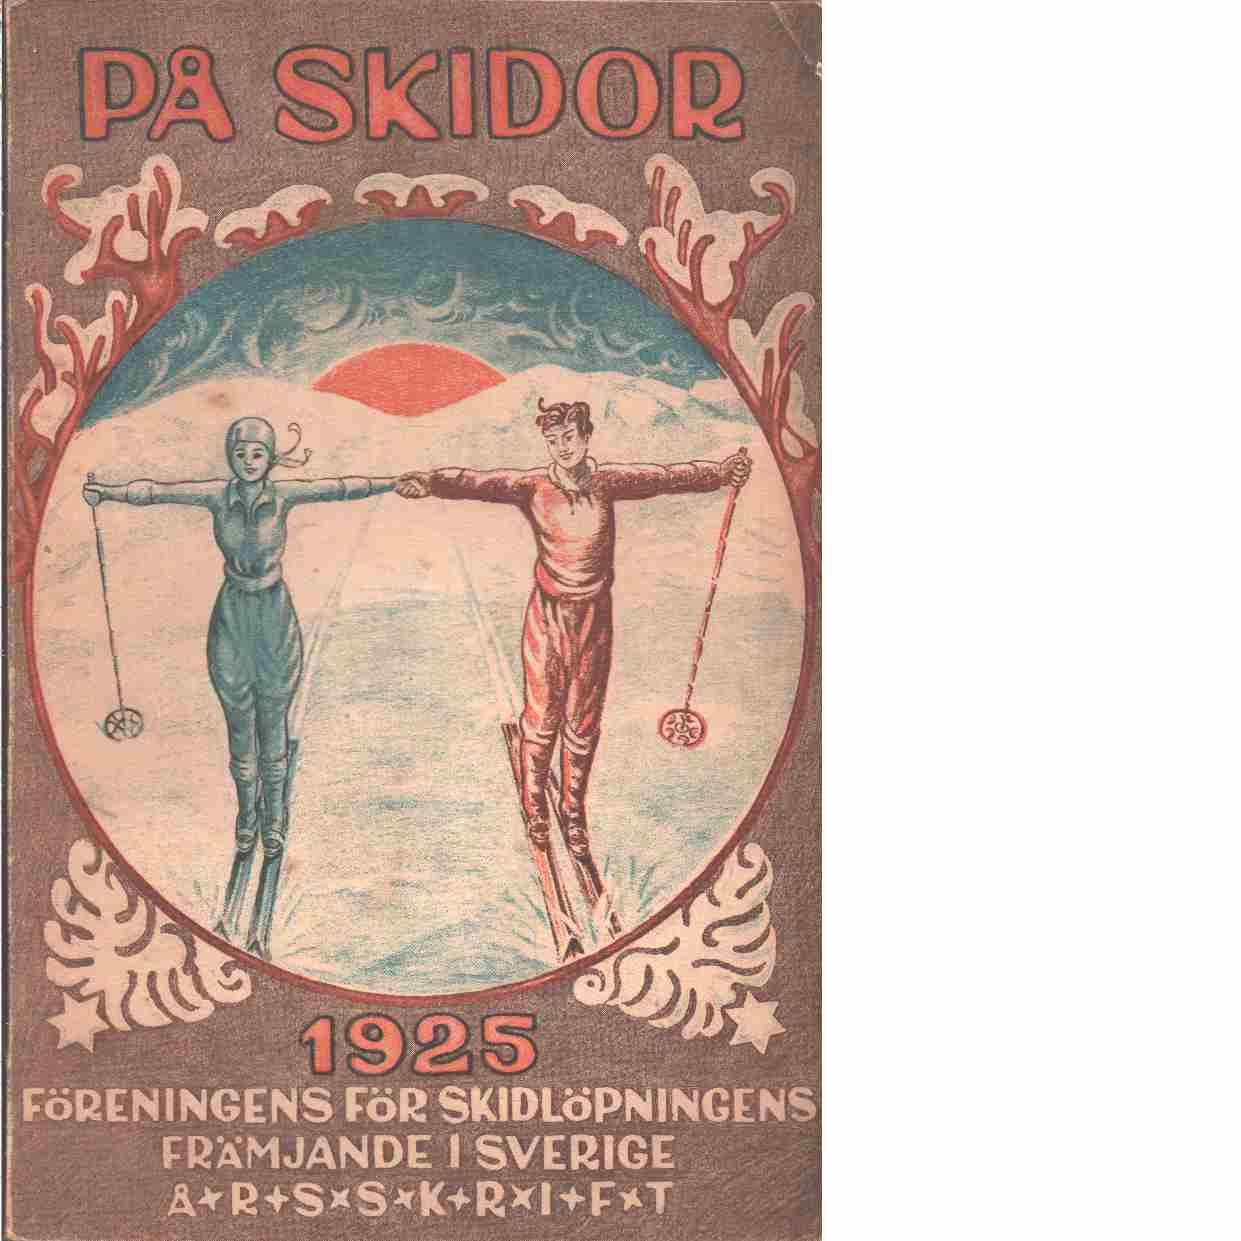 På skidor : Skid- och friluftsfrämjandets årsbok. Årsbok 1925 - Skid- och friluftsfrämjandet